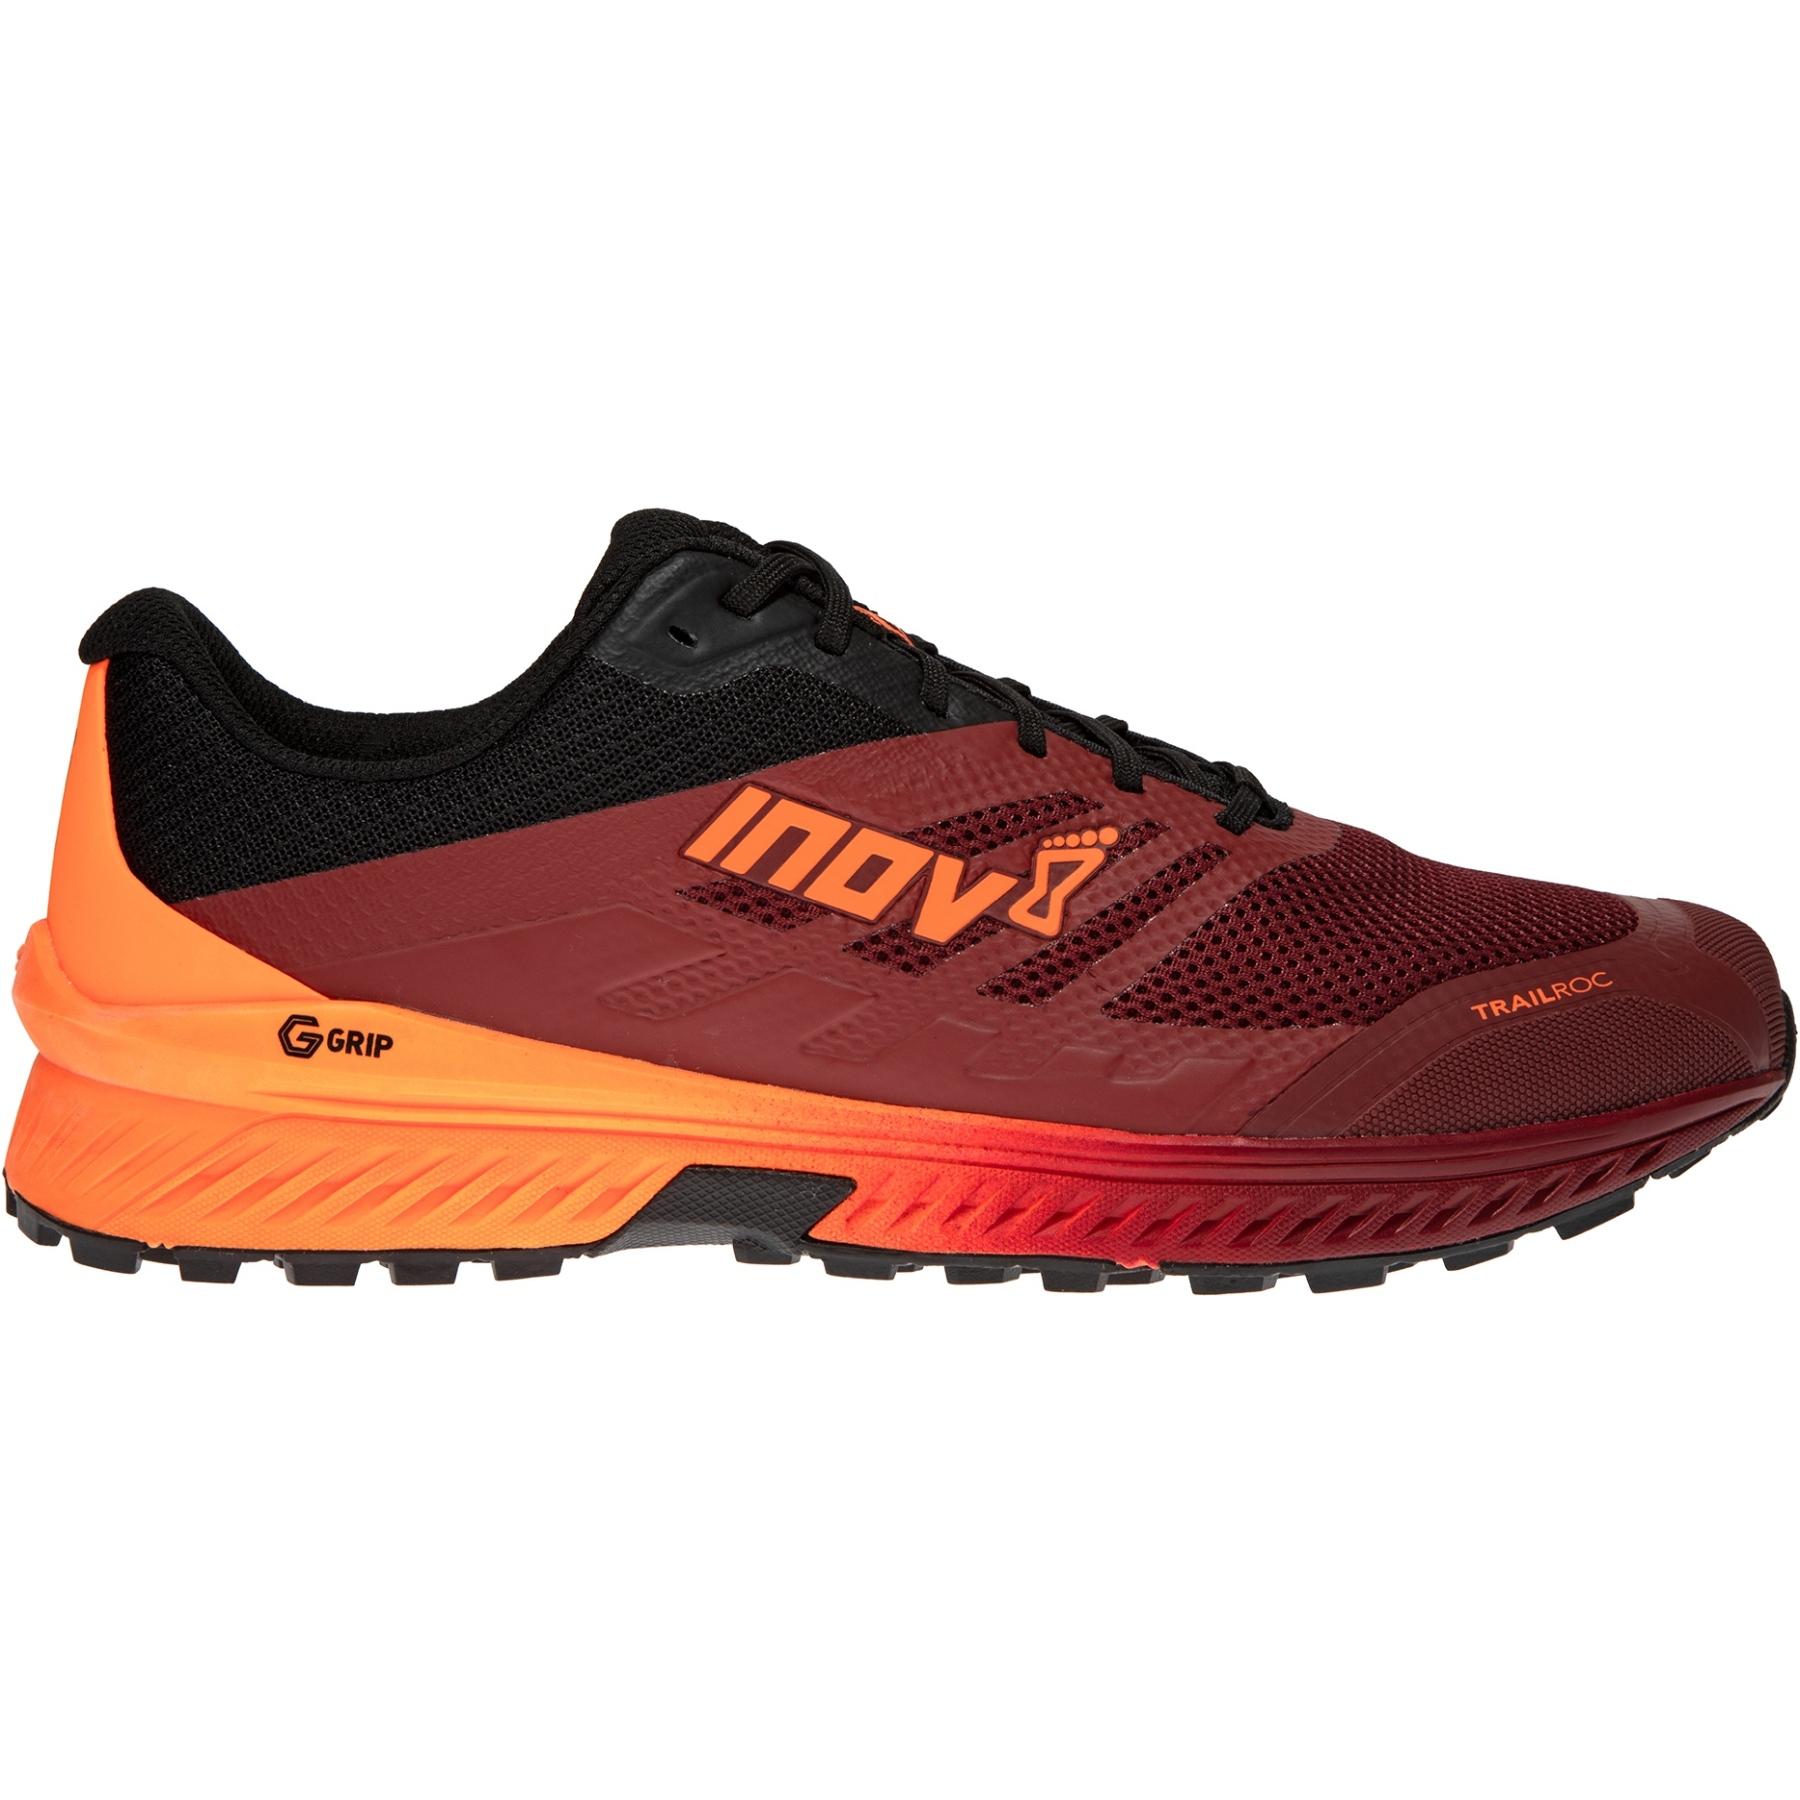 Produktbild von Inov-8 Trailroc™ G 280 Trail Laufschuhe - red/orange